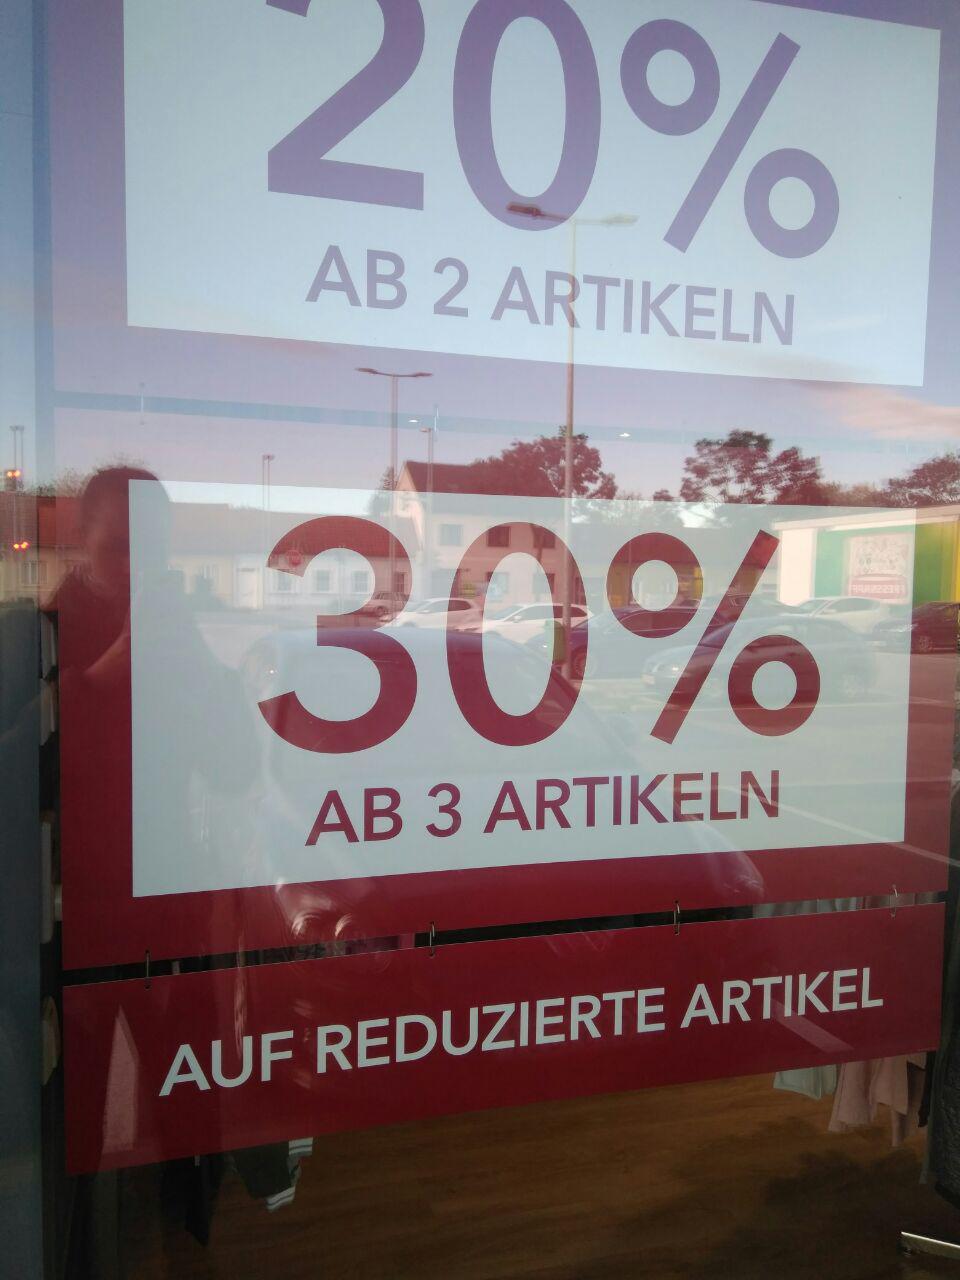 20% Rabatt ab zwei / 30% Rabatt ab drei reduzierten Artikeln